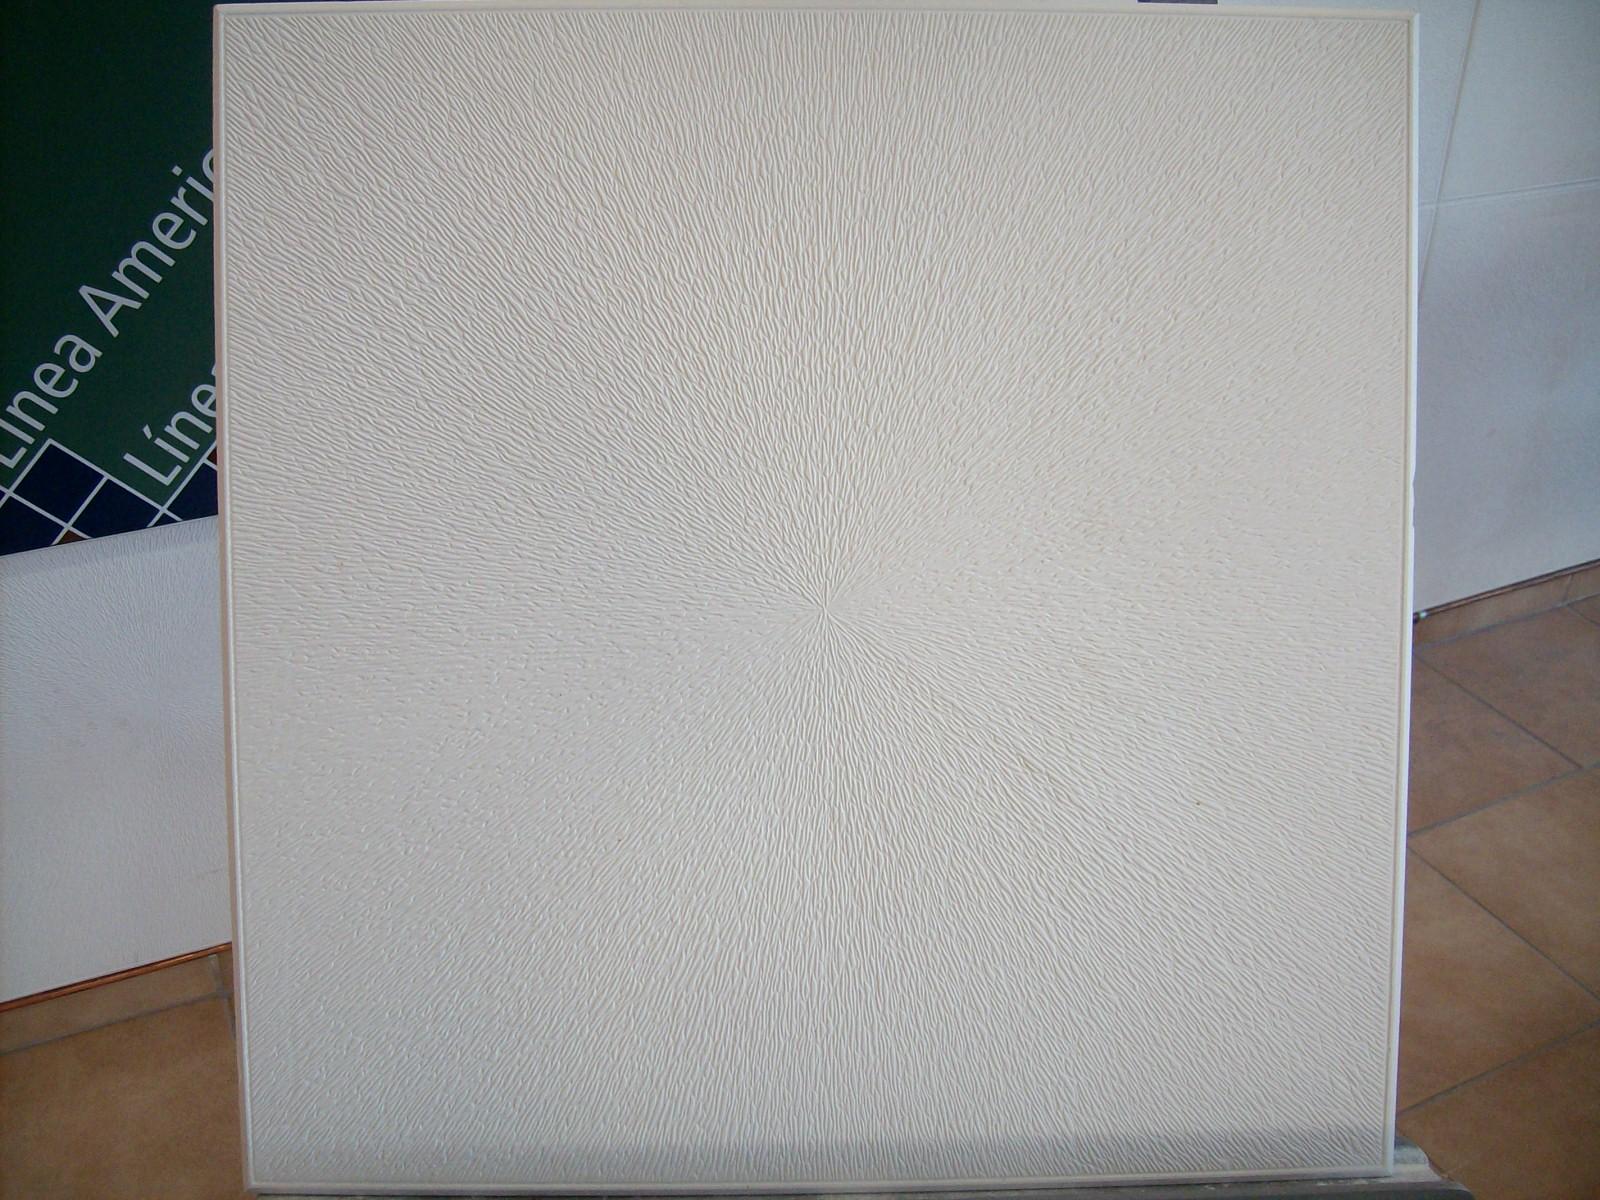 Silvana butto asociados julio 2010 - Paneles para revestir paredes ...